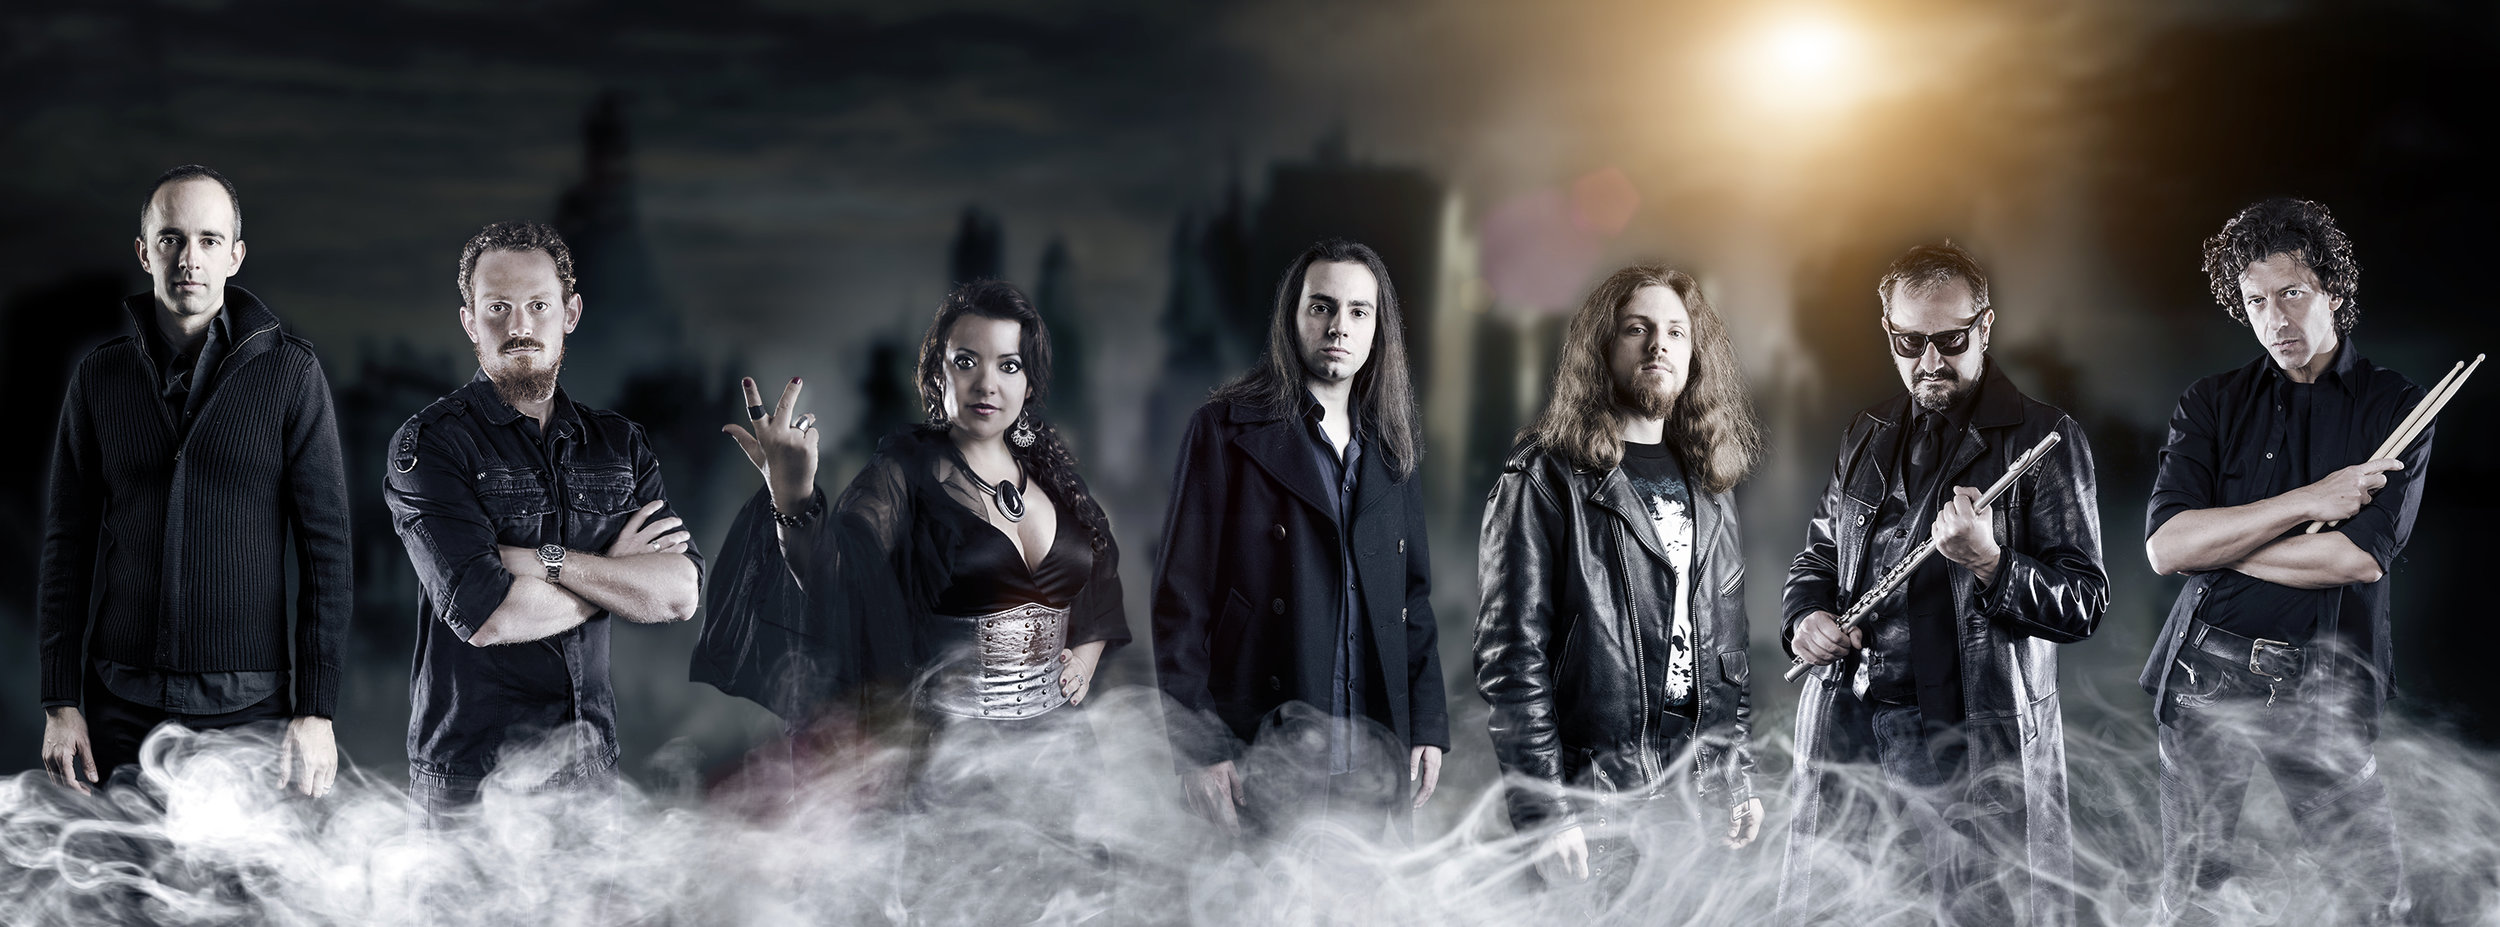 band metal musica milano fotografo ritratto